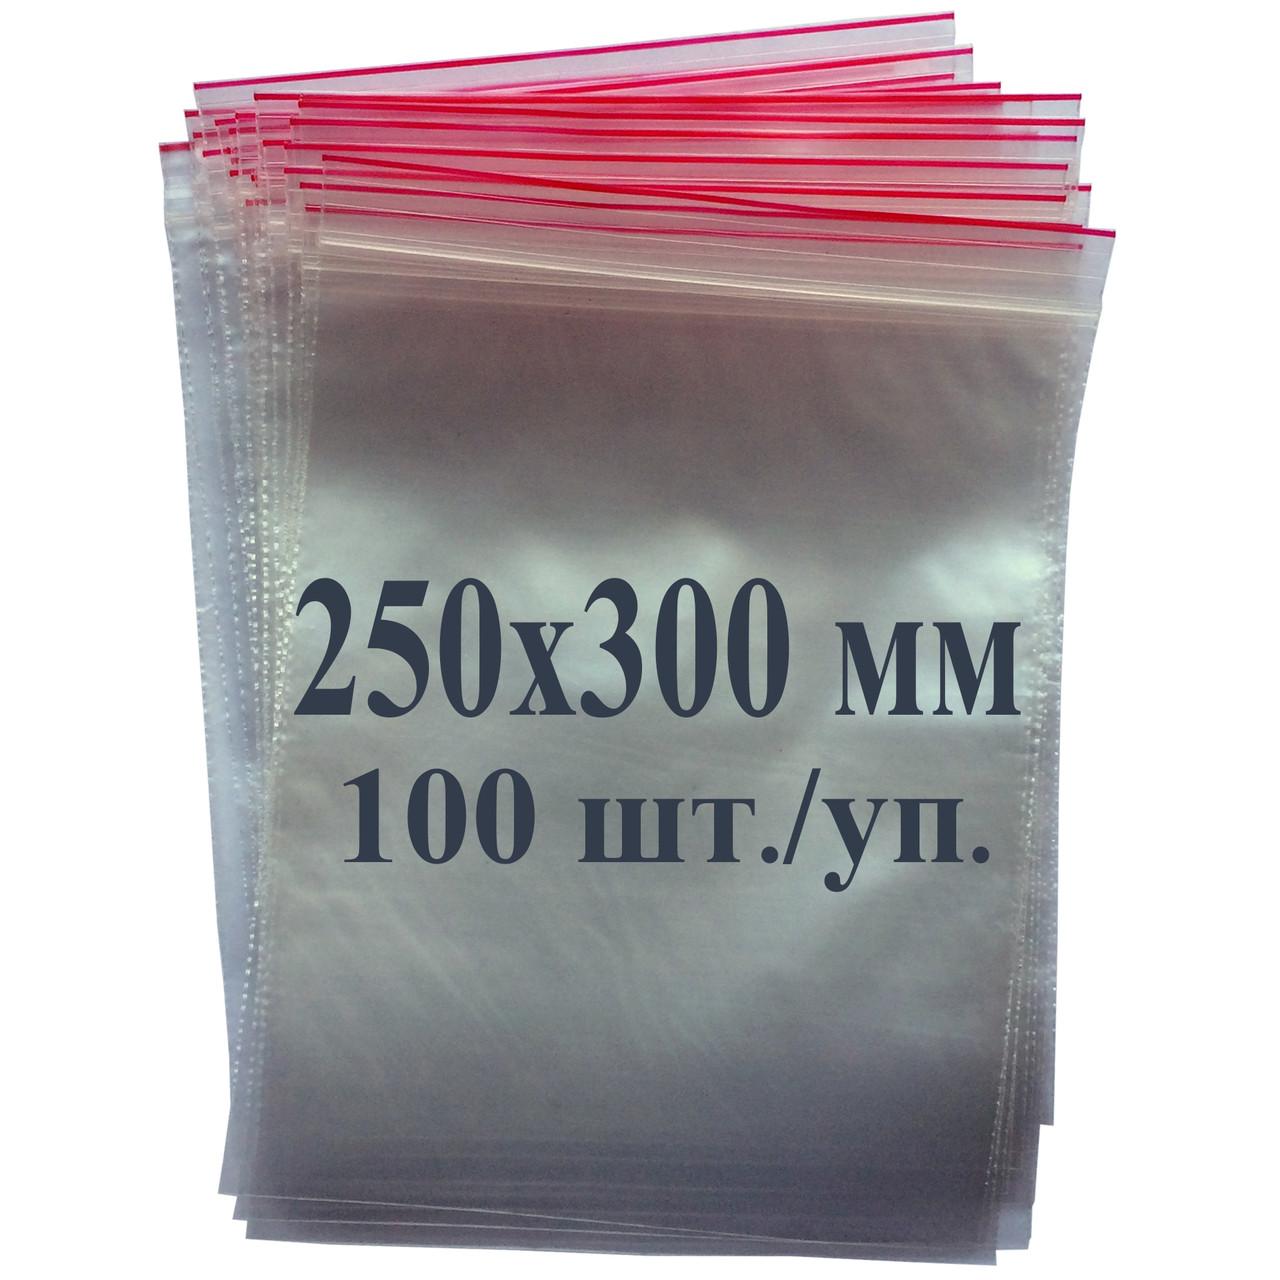 Пакет із застібкою Zip-lock 250*300 мм